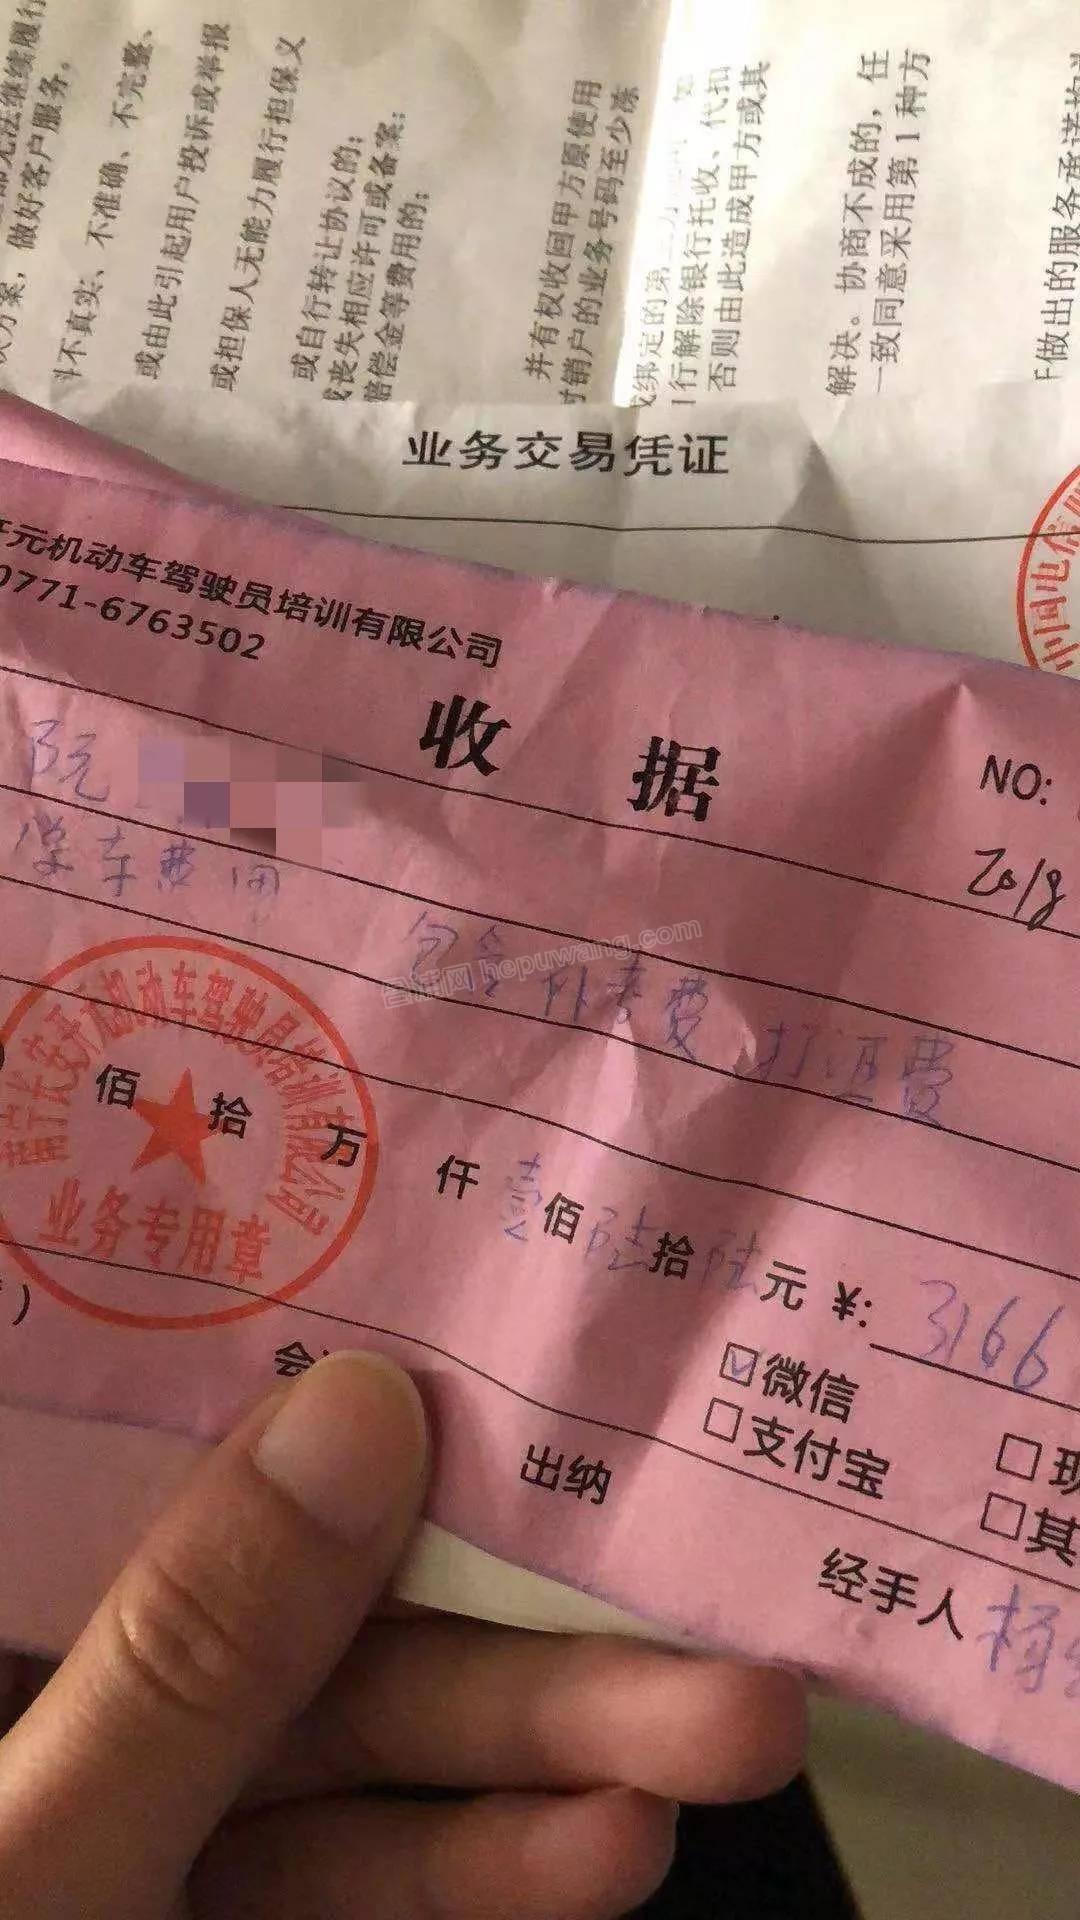 震惊!!!南宁多名驾校教练集体失踪?驾校回应:只是合作关系